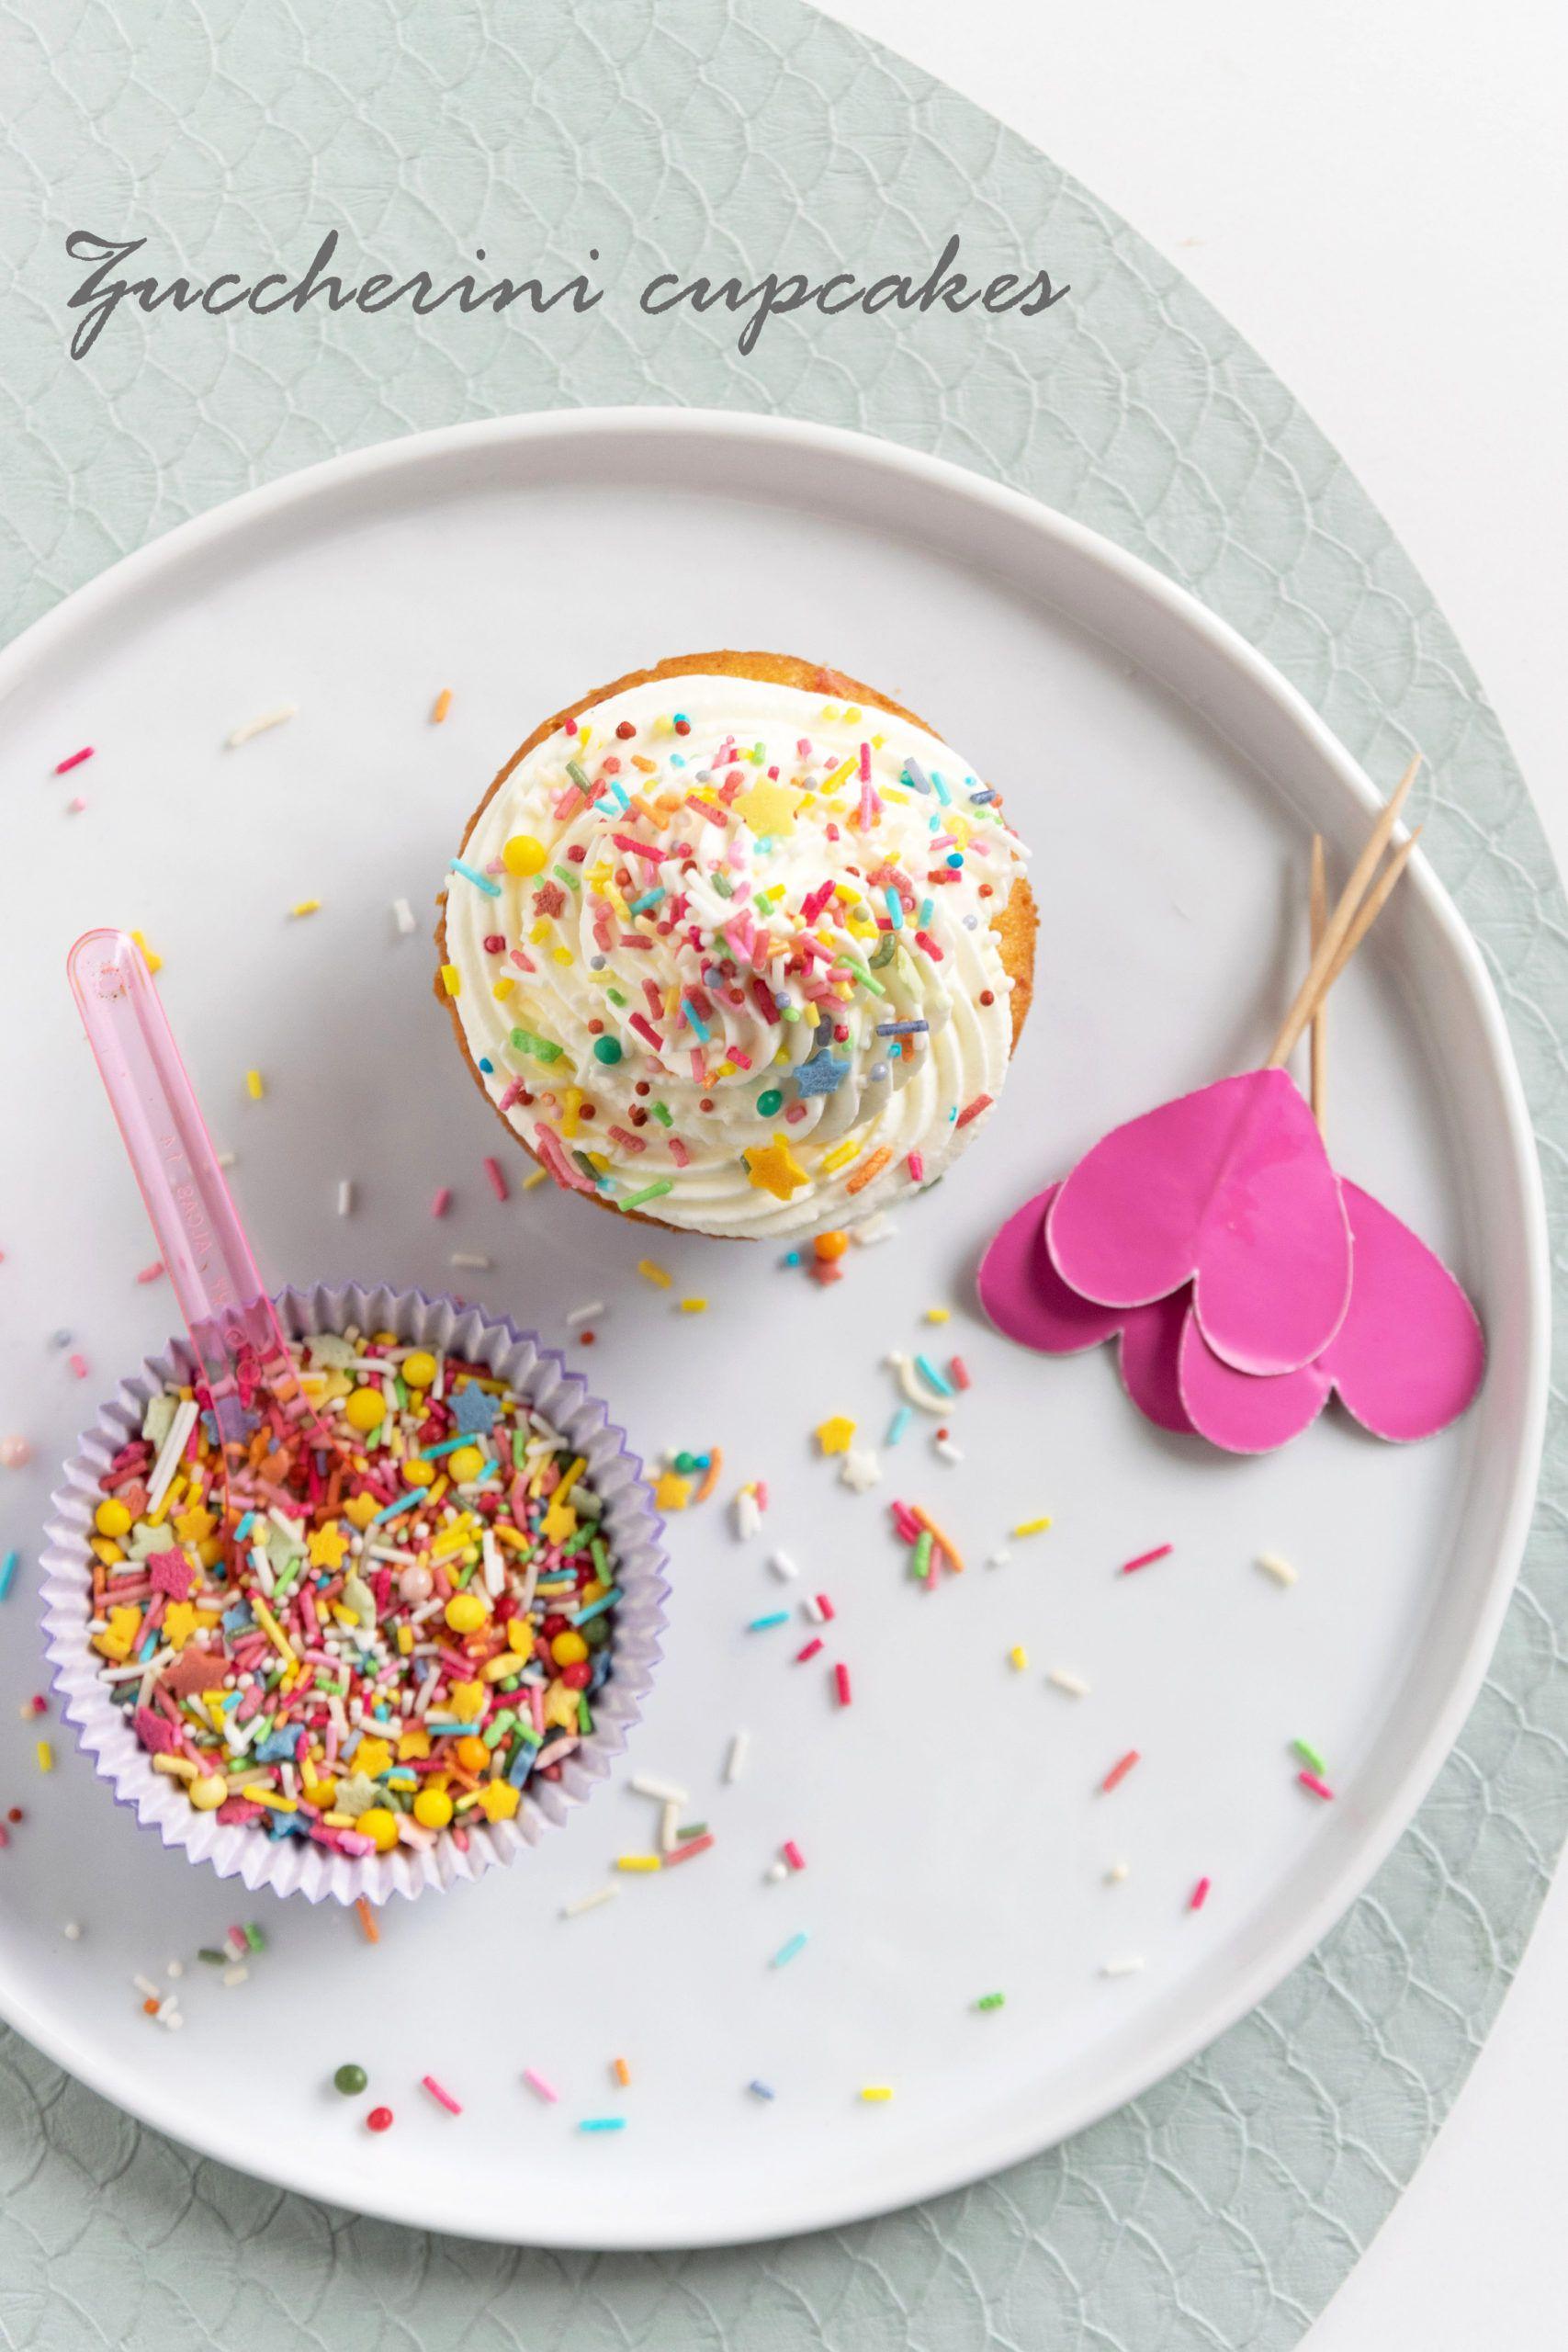 Zuccherini cupcakes